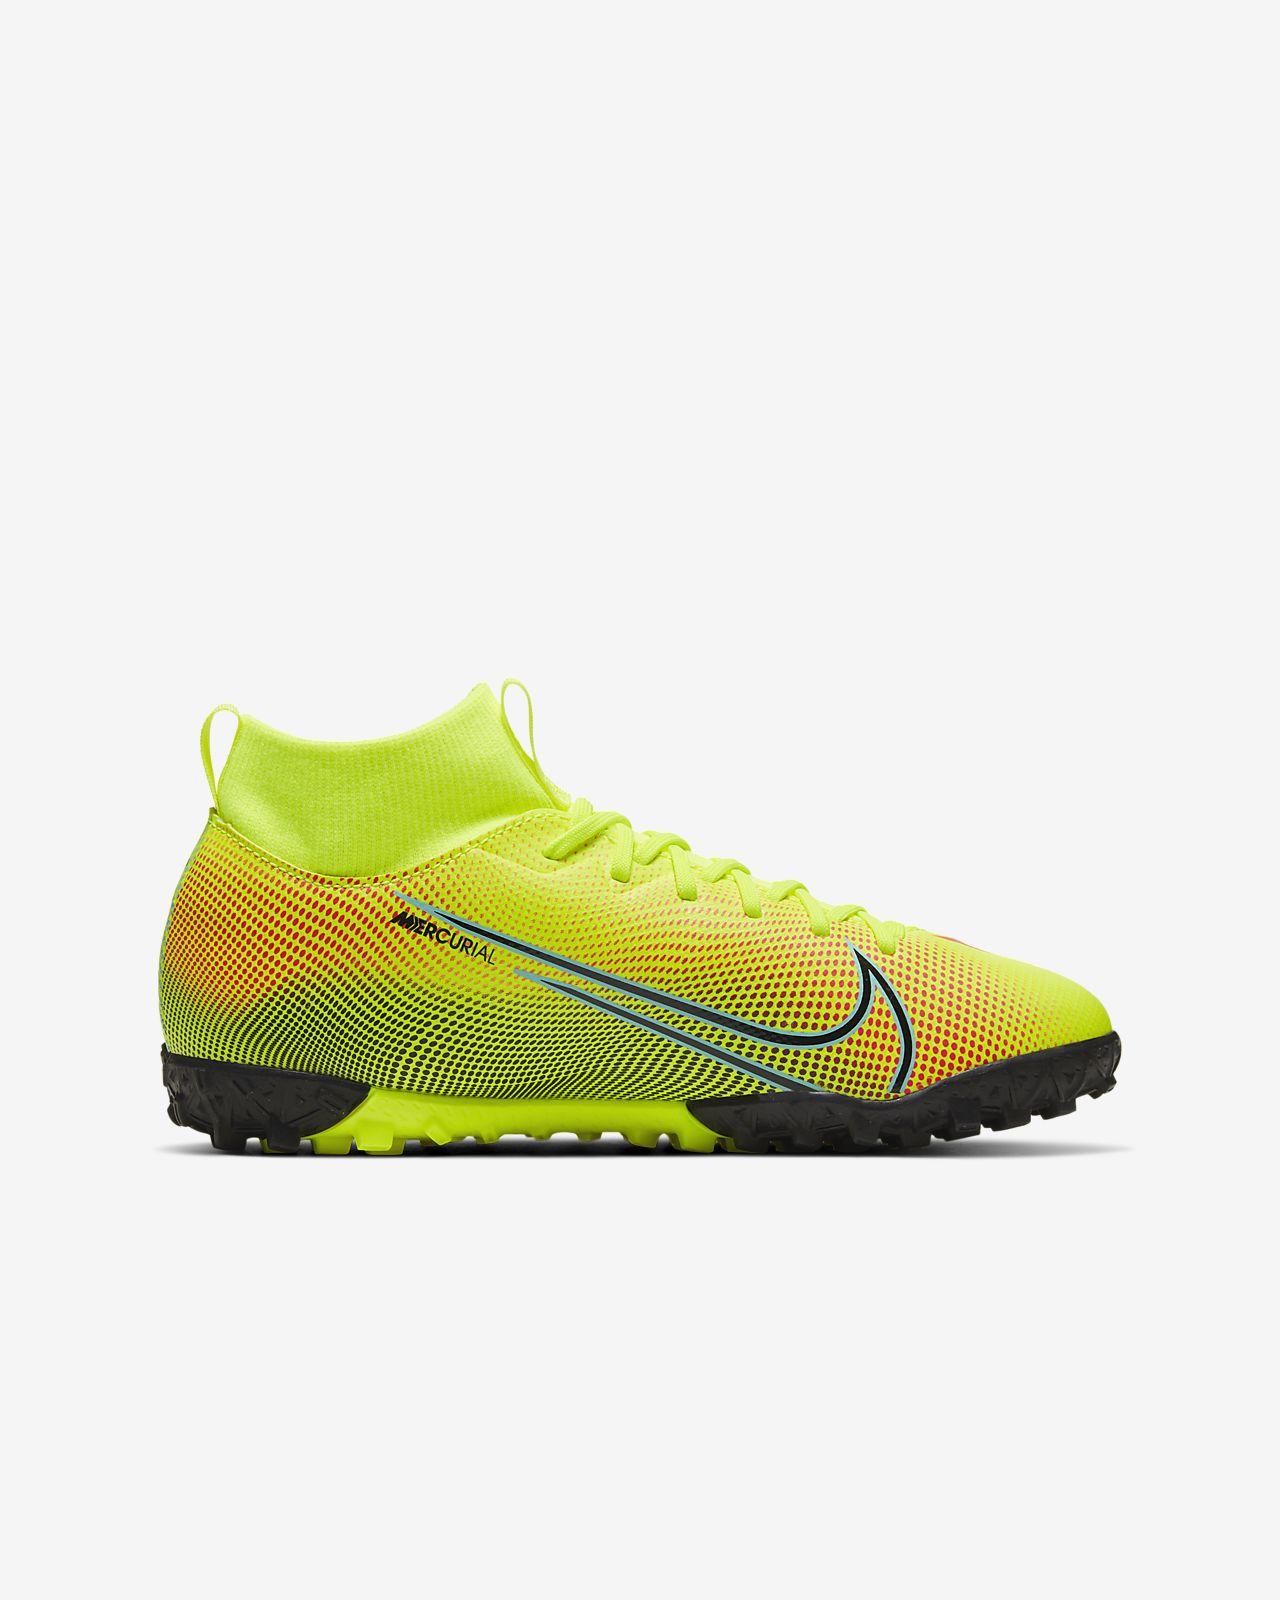 Sapatilhas de futebol para relva artificial Nike Jr. Mercurial Superfly 7 Academy MDS TF para criançaJúnior